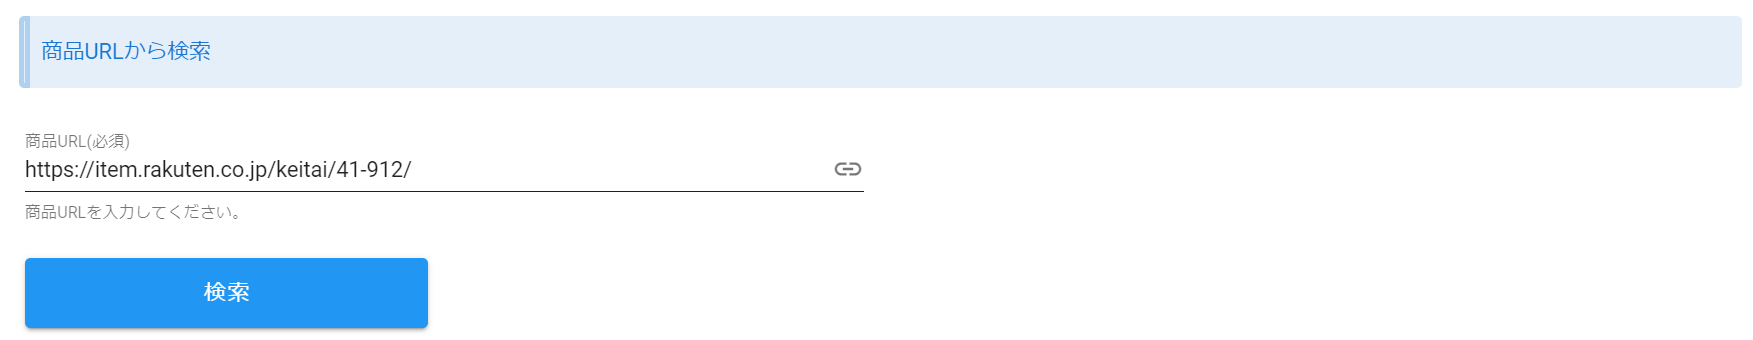 URL絞り込み入力画面